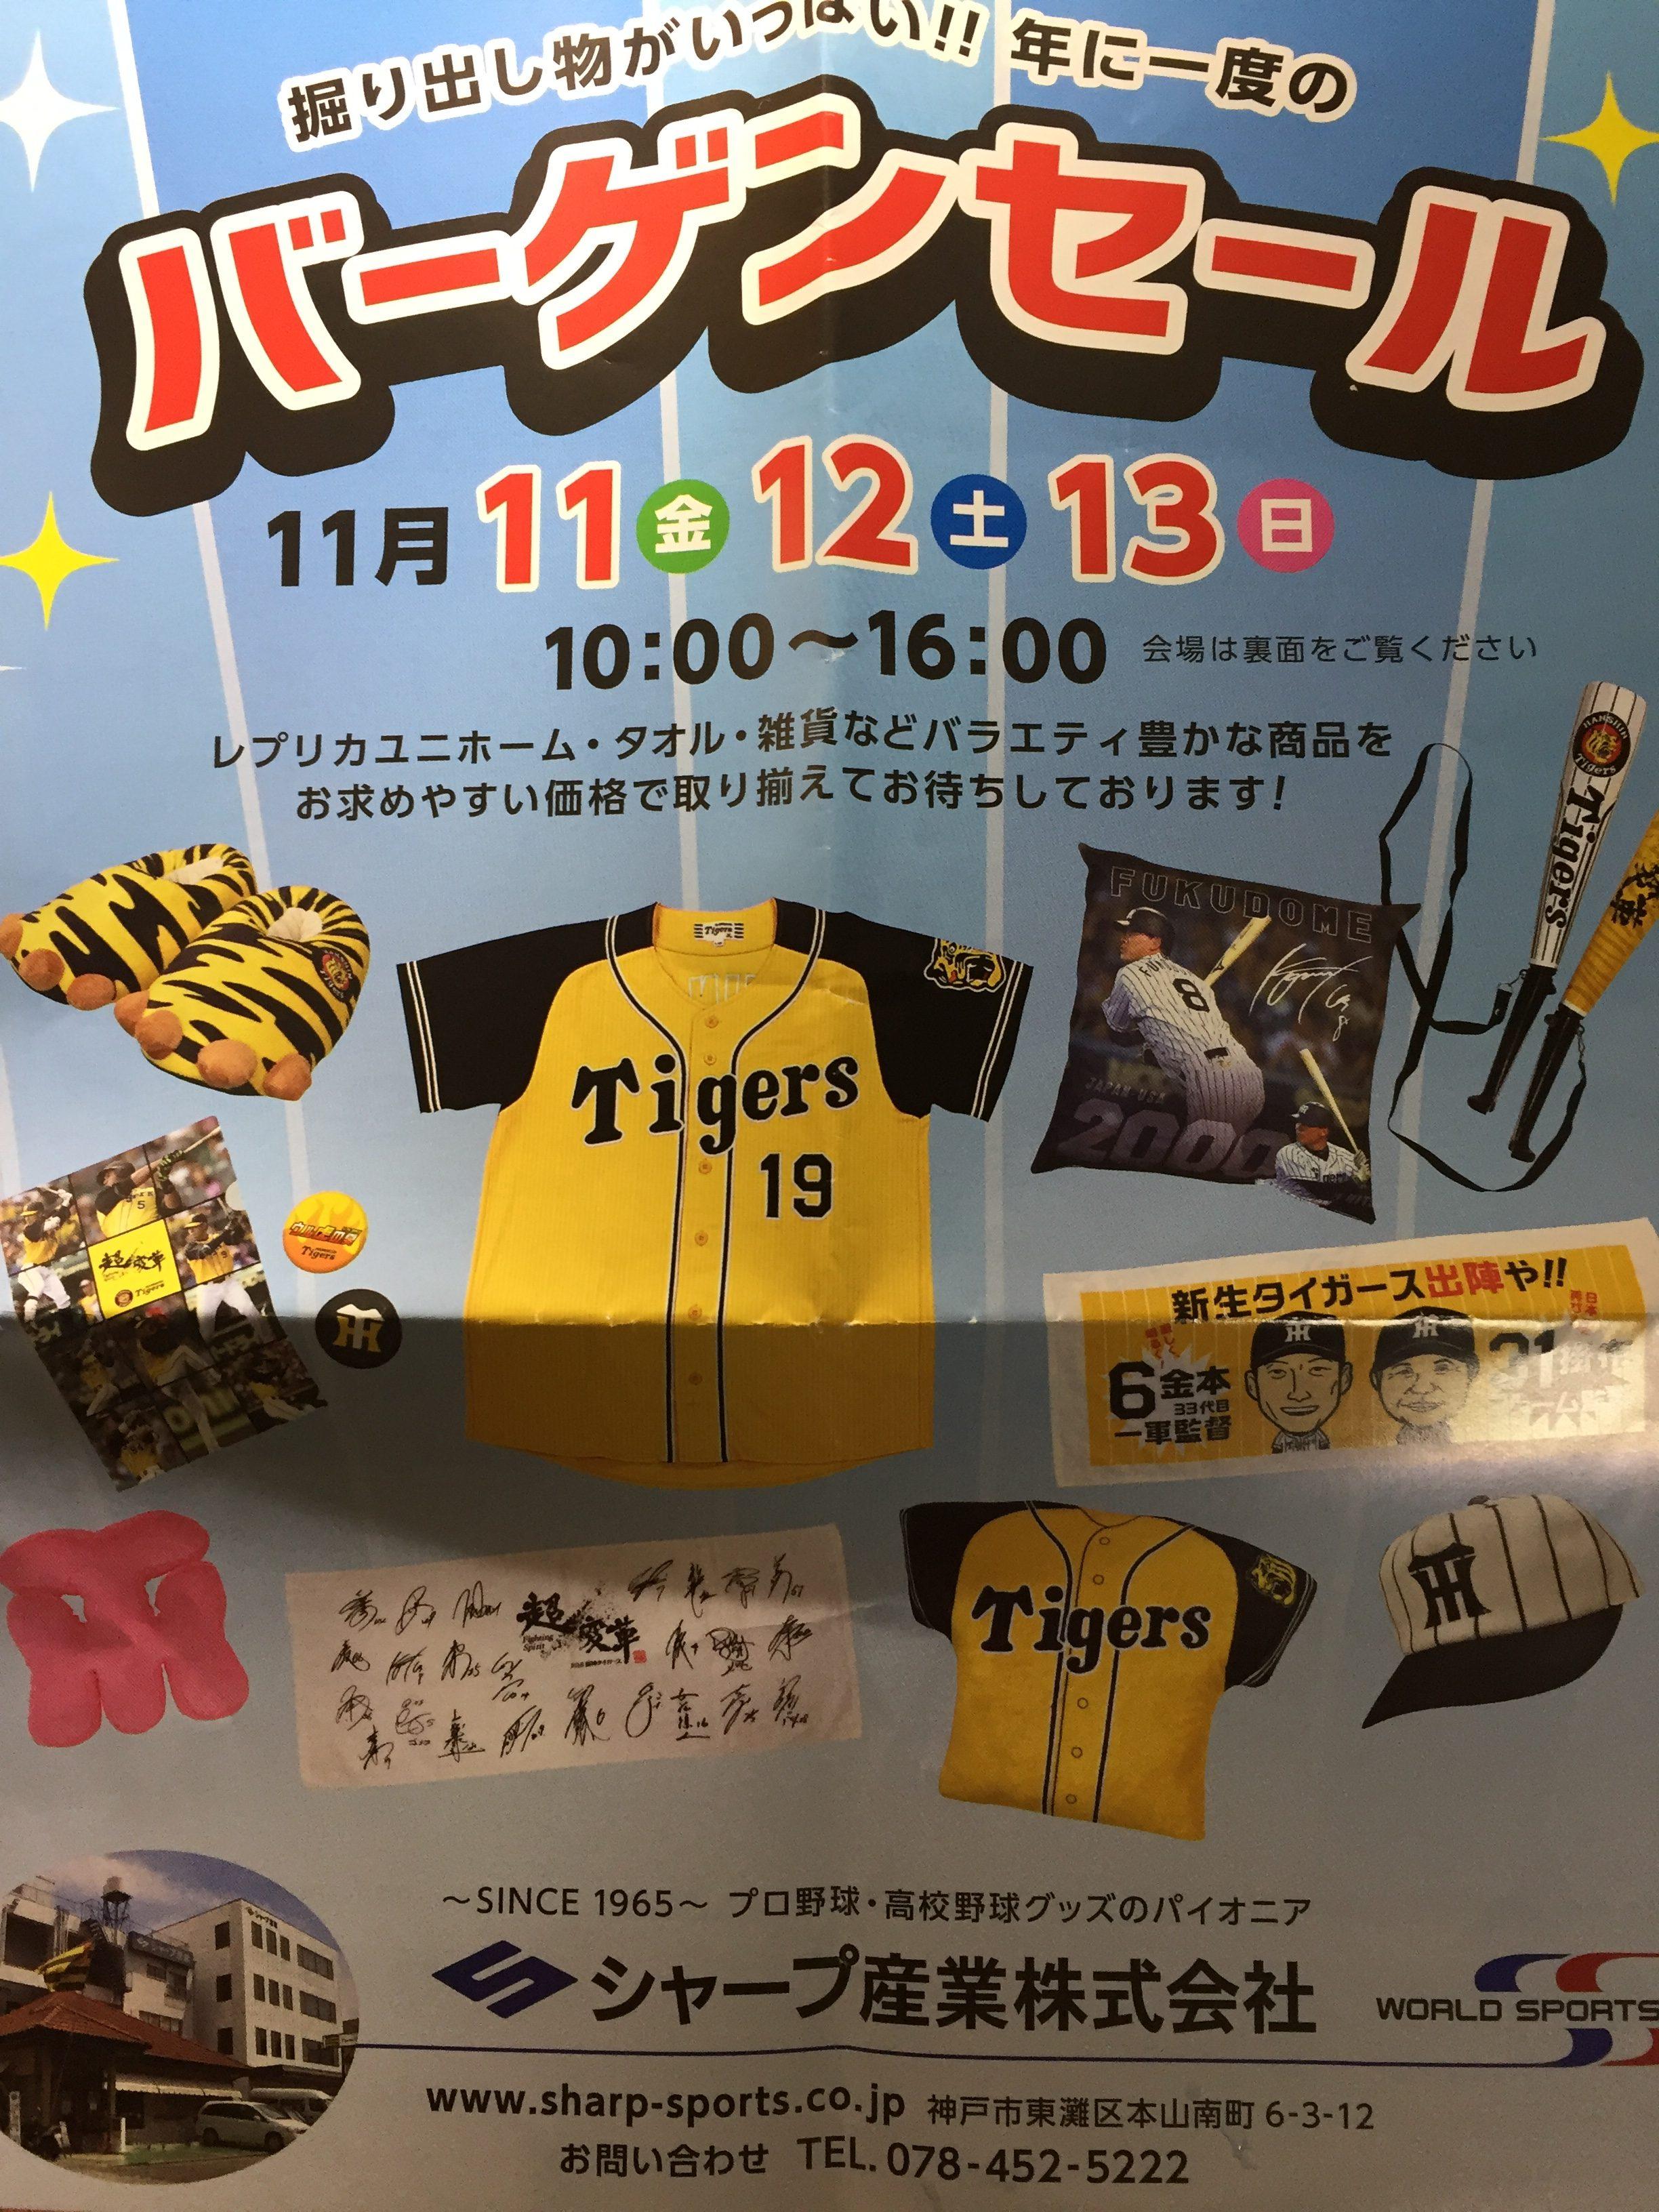 阪神タイガースグッズで有名な「シャープ産業決算バーゲンセール」が神戸・本山で11/11(金)~13(日)まで開催!【※告知※】